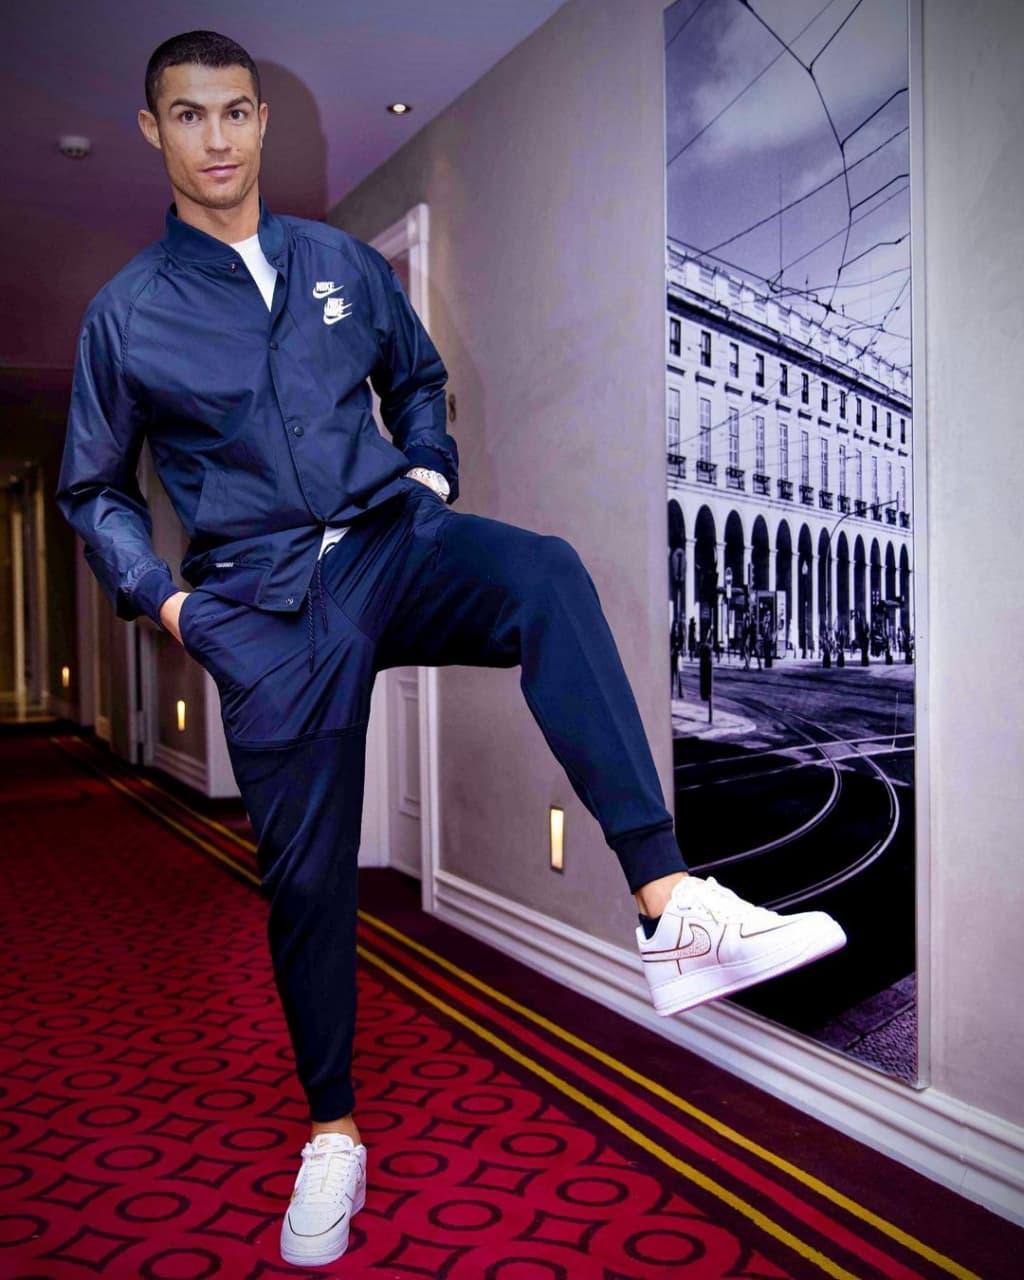 رونمایی رونالدو از کفشهای جدید نایکی با تیپ آبی نفتی!